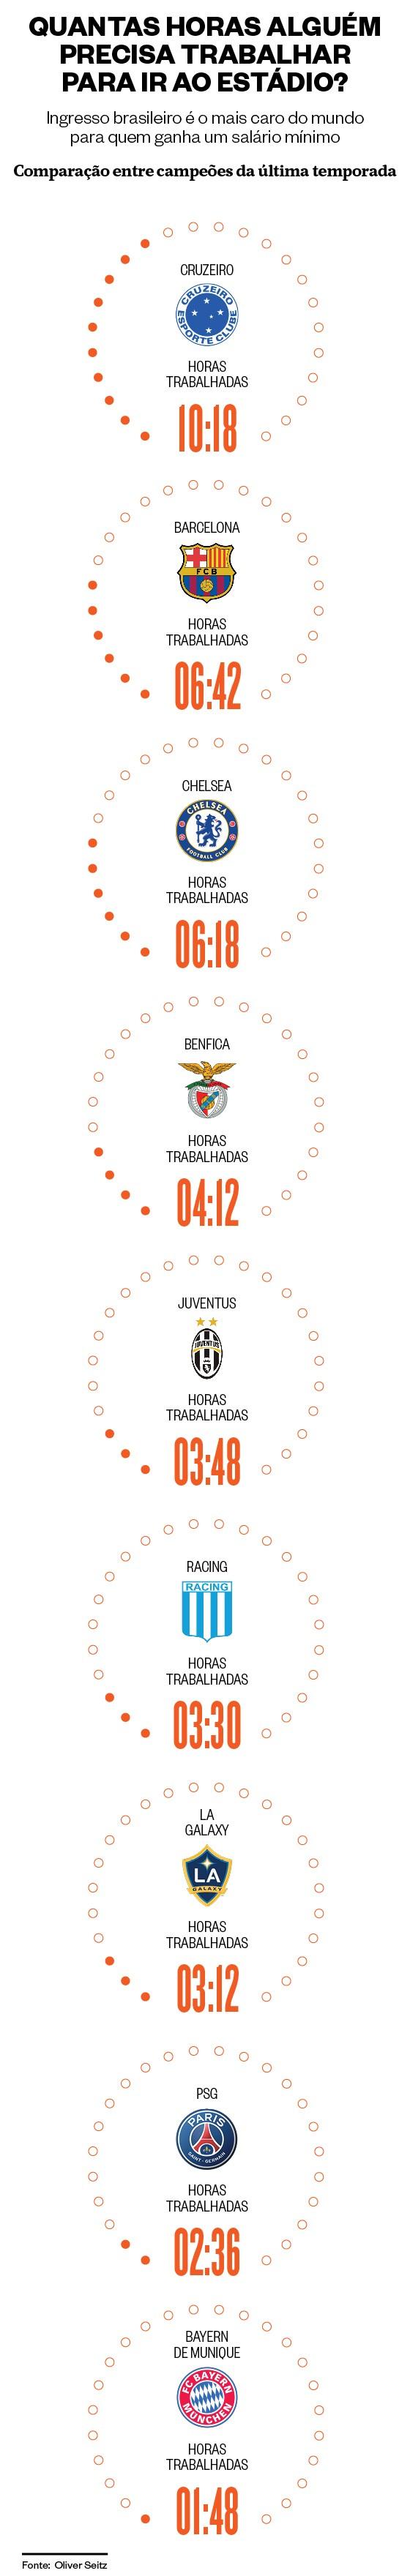 Comparação dos preços de ingressos dos campeões das principais ligas do mundo em 2014 (Foto: Infográfico: Giovana Tarakdjian)